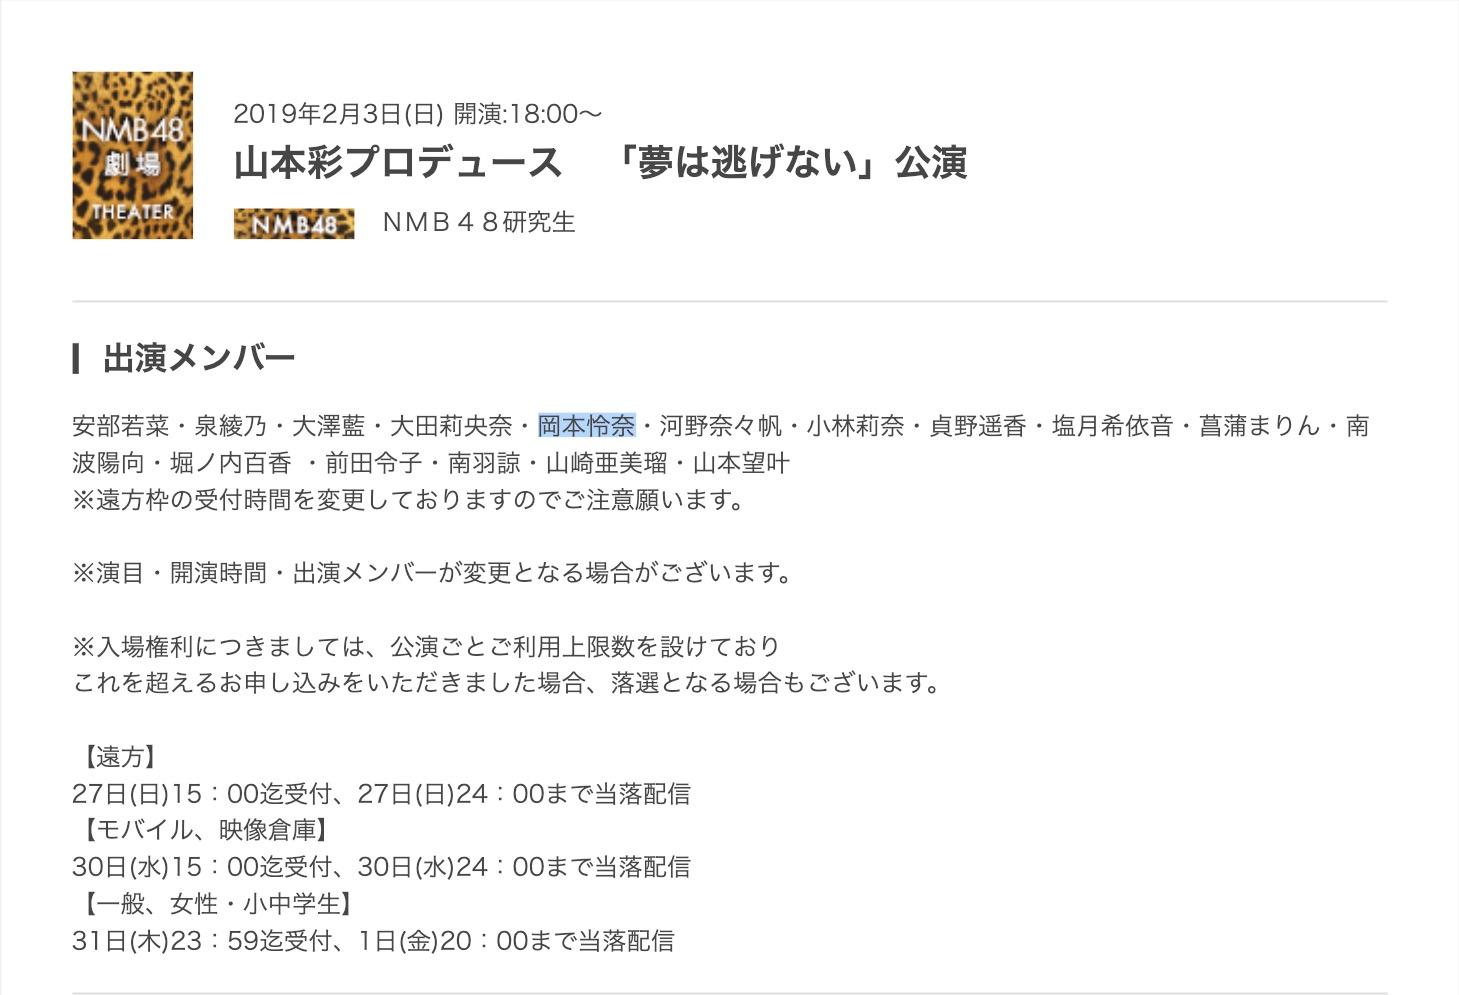 【岡本怜奈】れなたんの「夢は逃げない公演」初日が2月3日に決定。